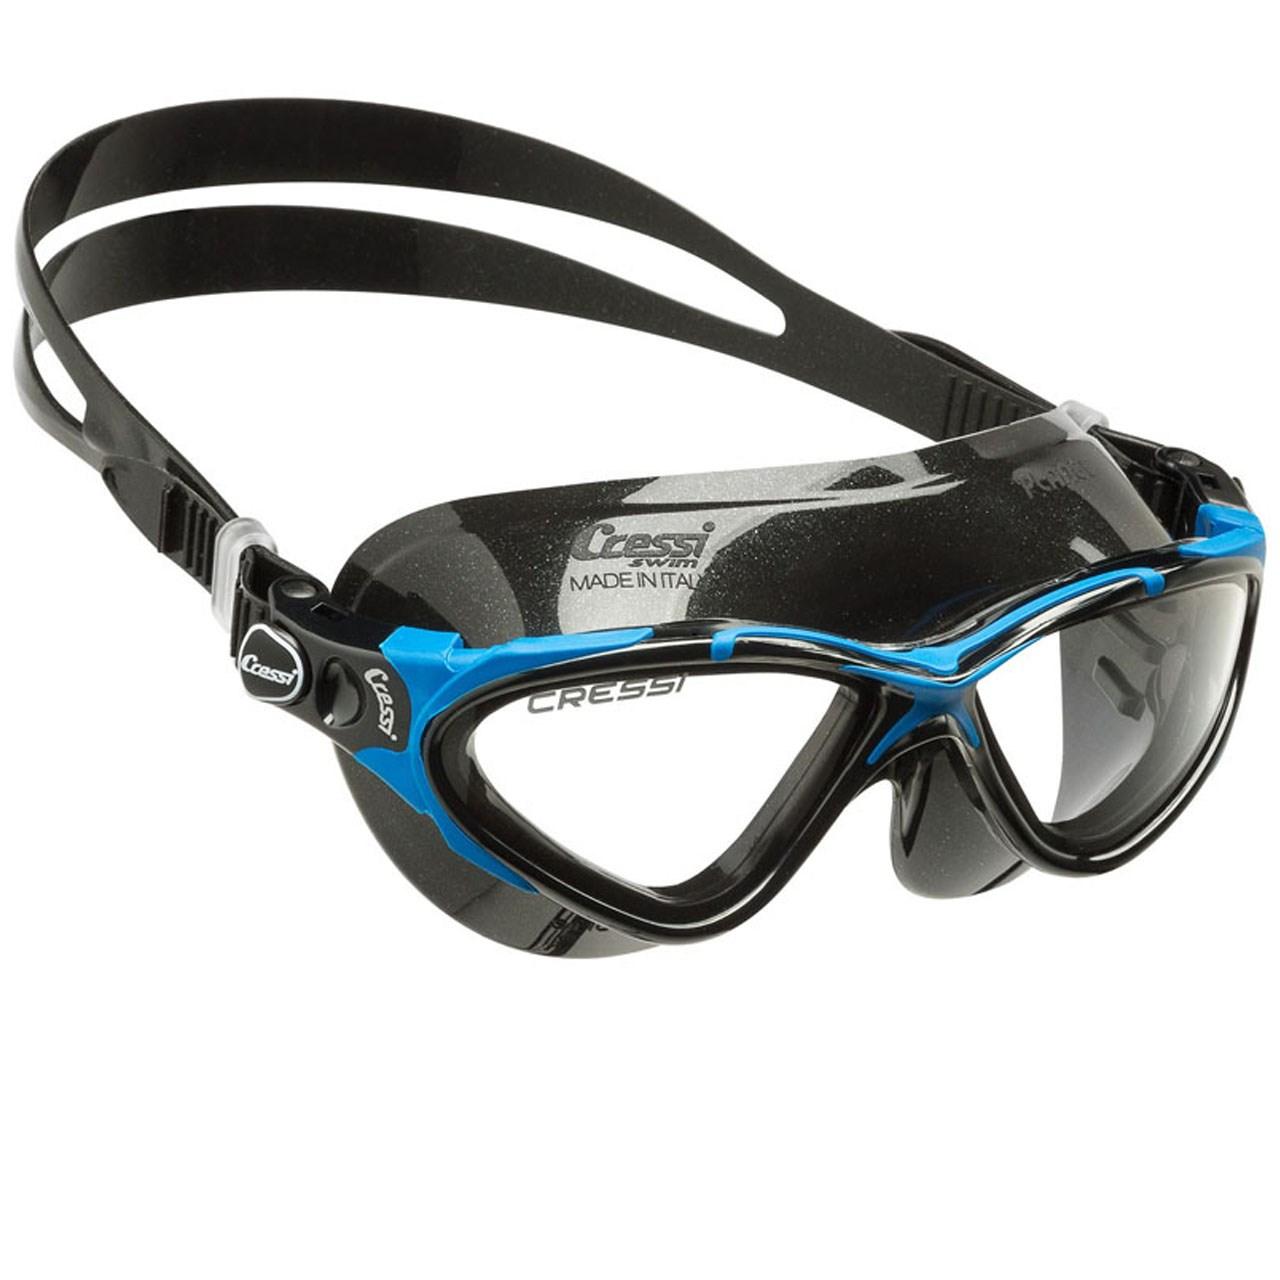 عینک شنای کرسی مدل Planet DE202723